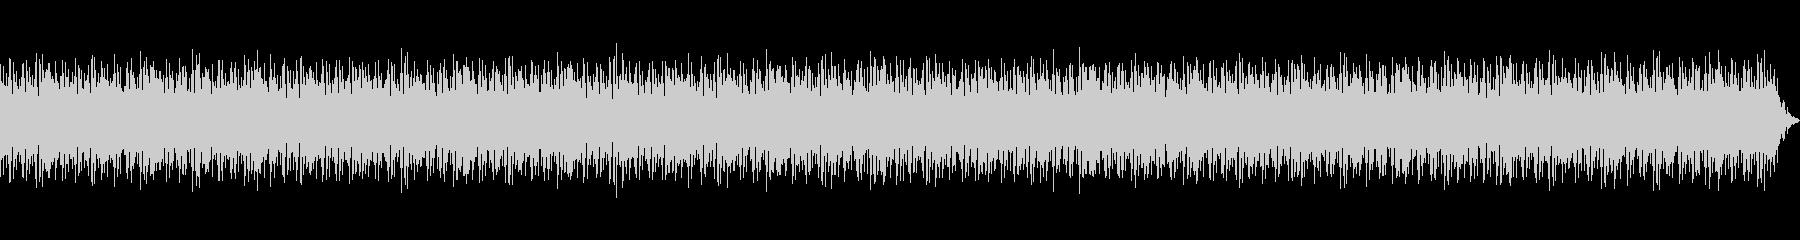 アウトドア・レジャー  ワクワクする音楽の未再生の波形